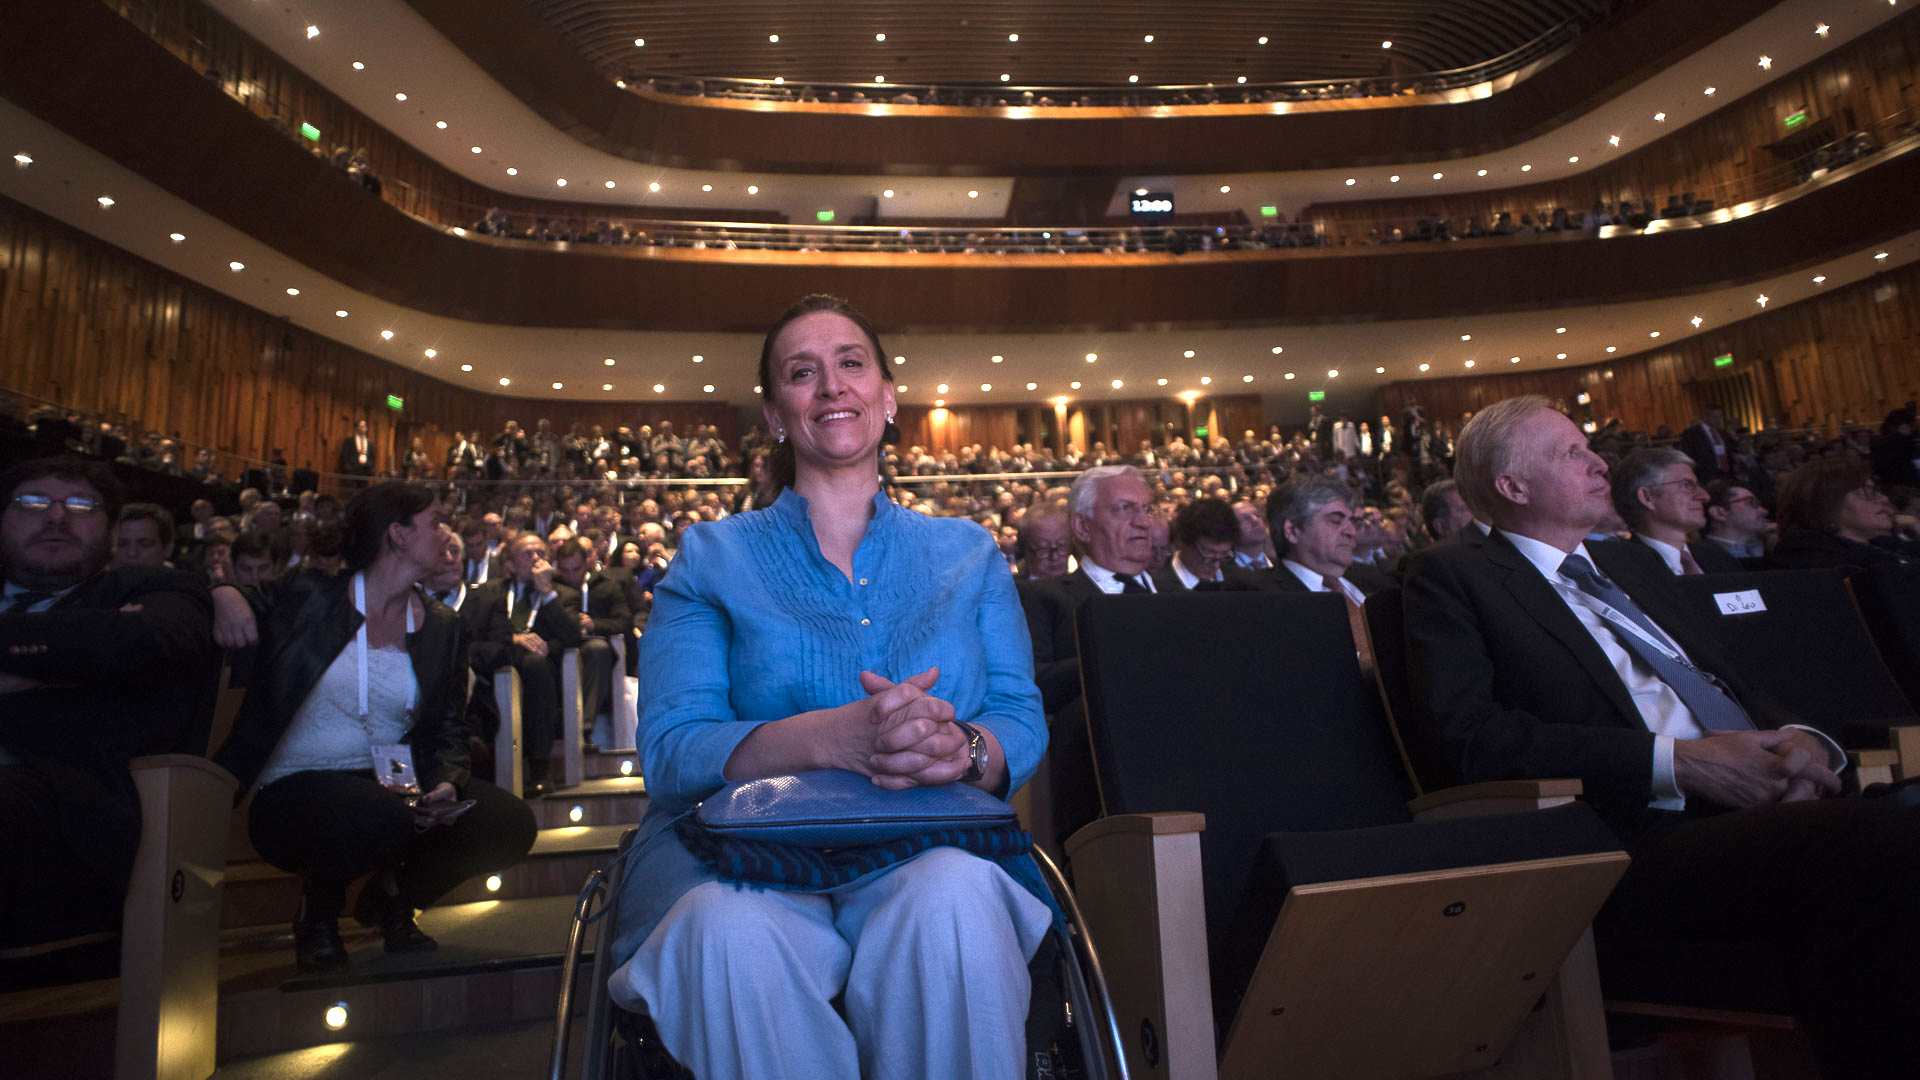 La vicepresidente Gabriela Michetti